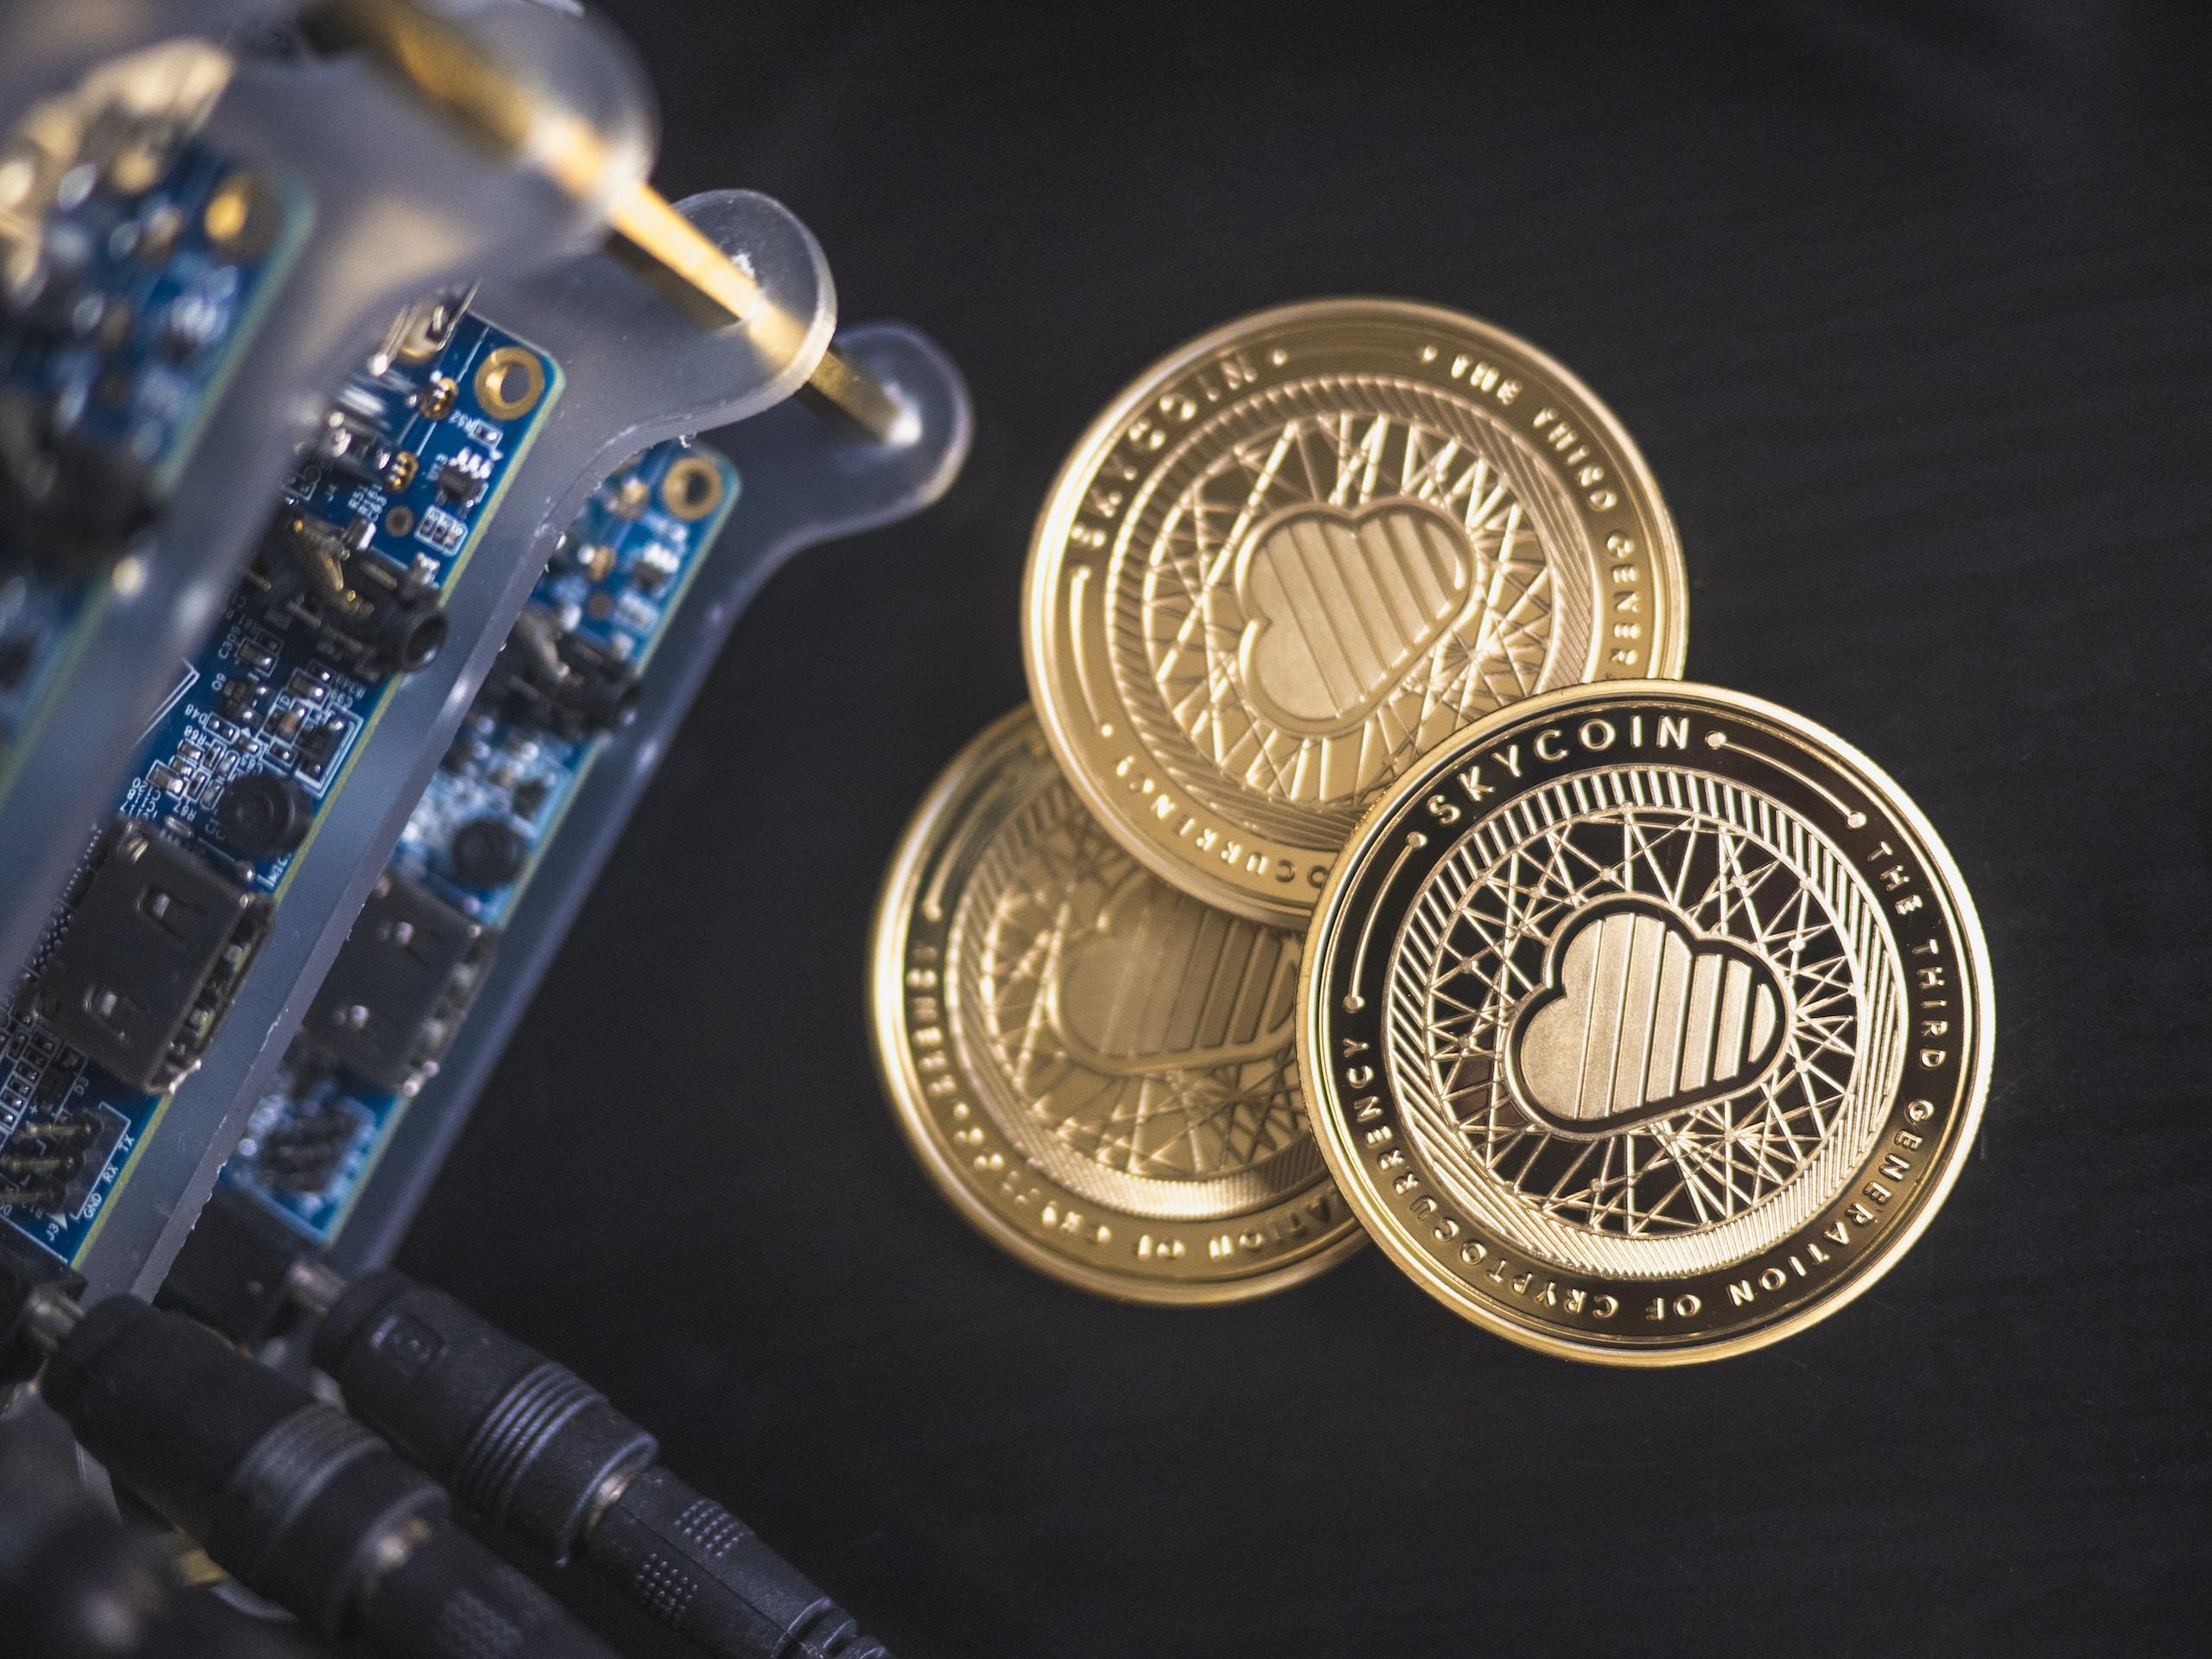 Un inodoro te paga con monedas digitales cada vez que lo utilizas